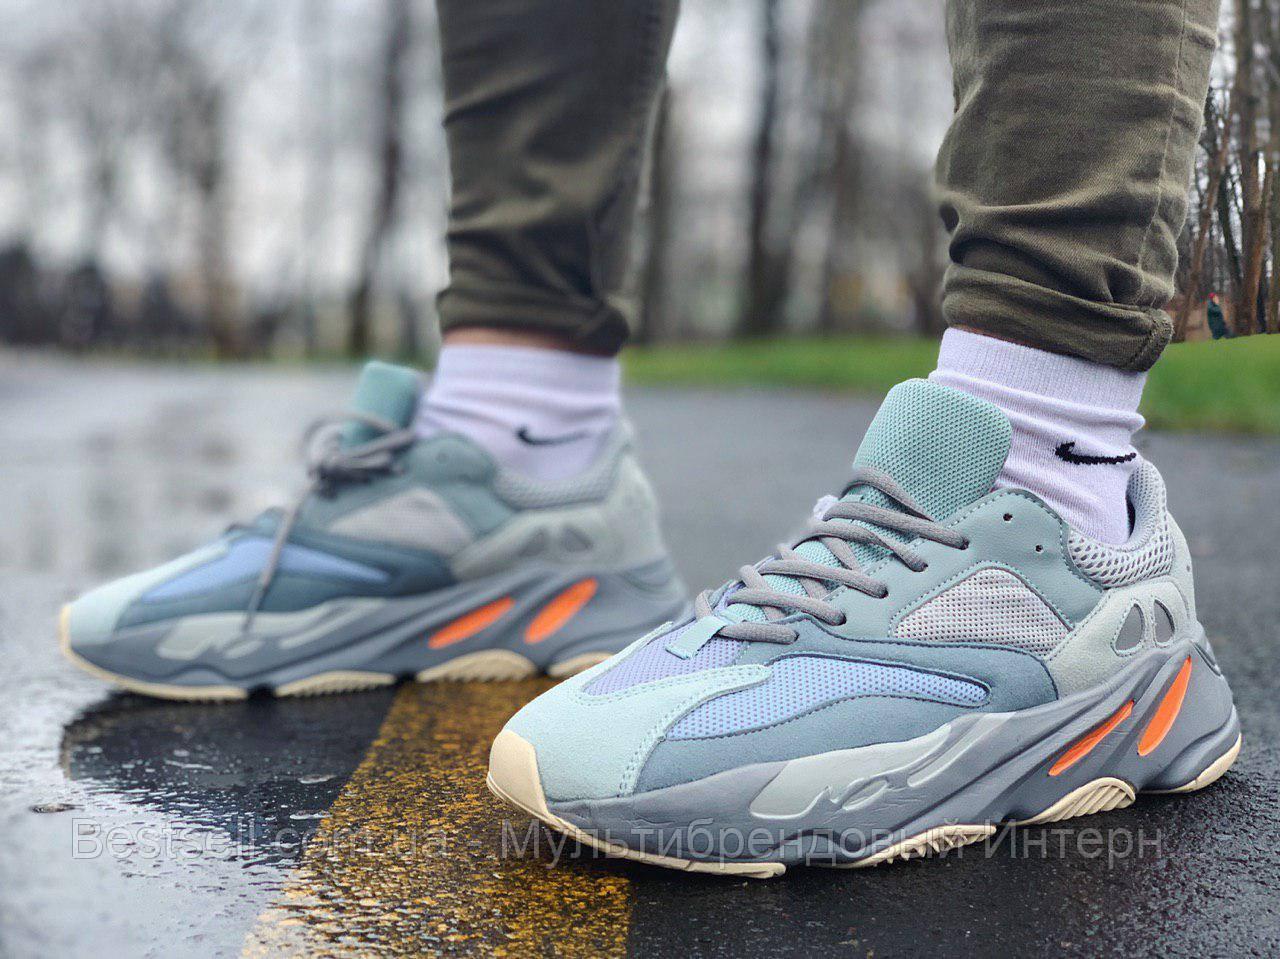 Кросівки Adidas Yeezy Boost 700 Адідас Ізі Буст (45 останній розмір)